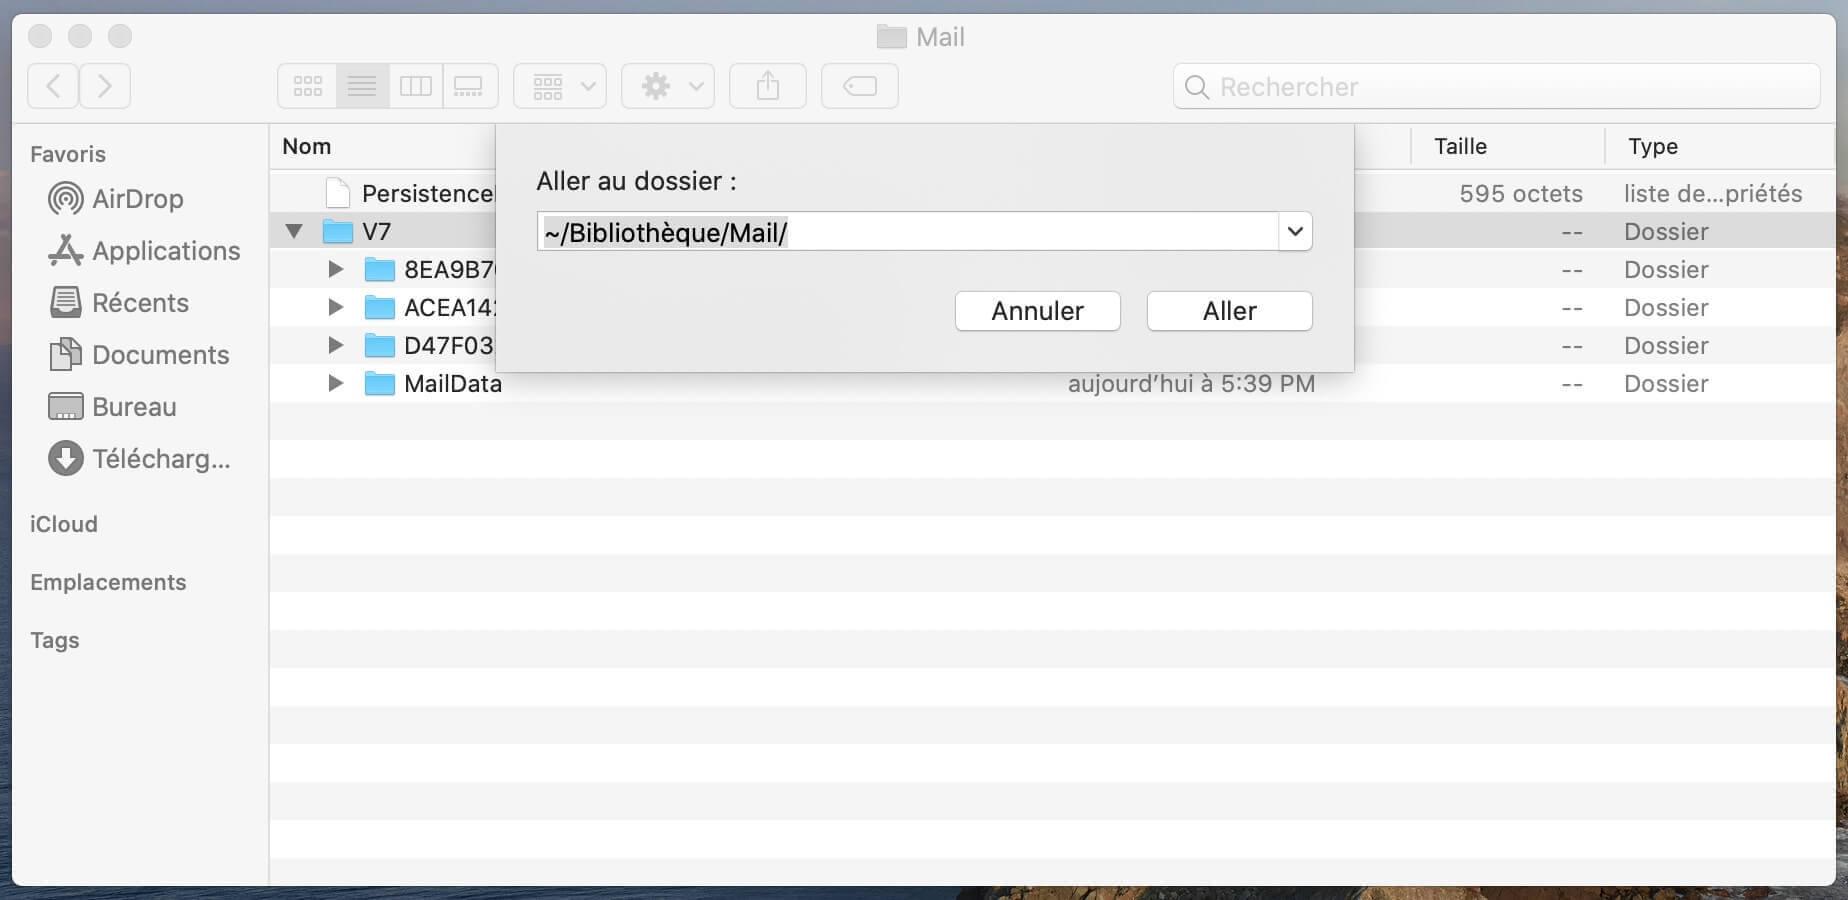 MailData